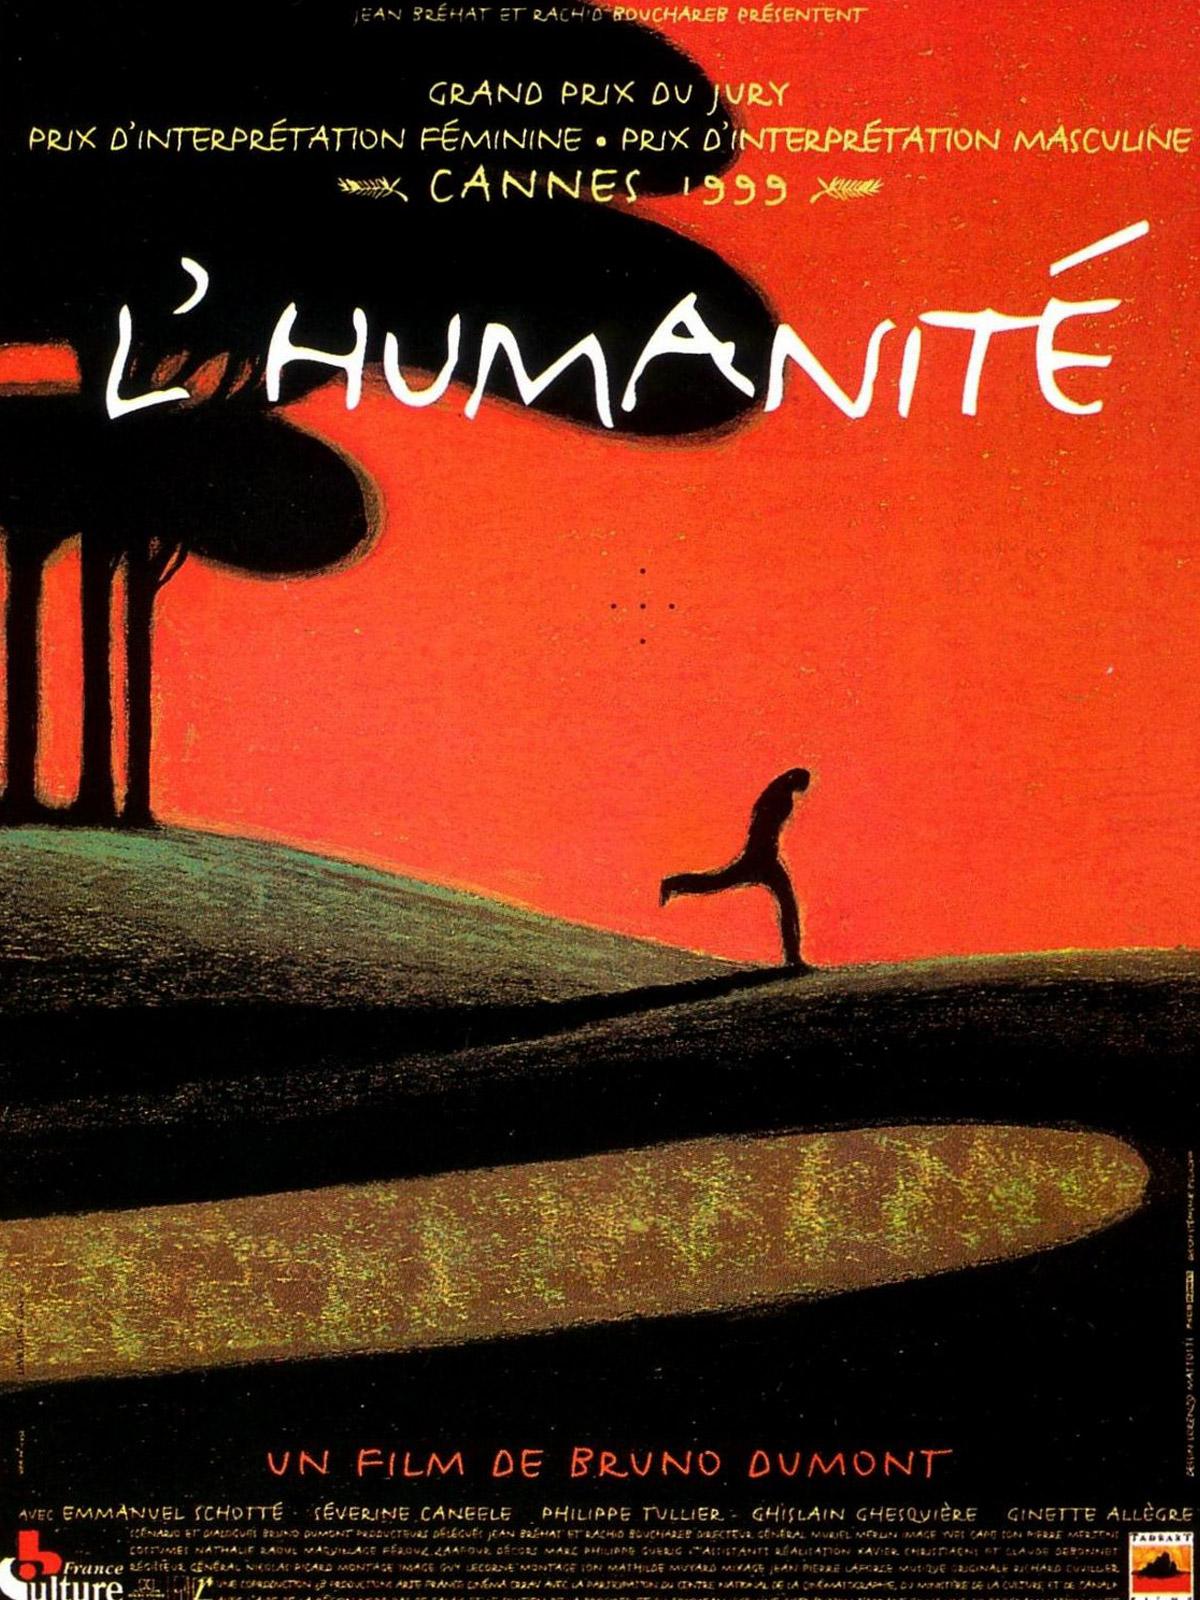 Download Filme 8 Rue de L'Humanité Torrent 2021 Qualidade Hd